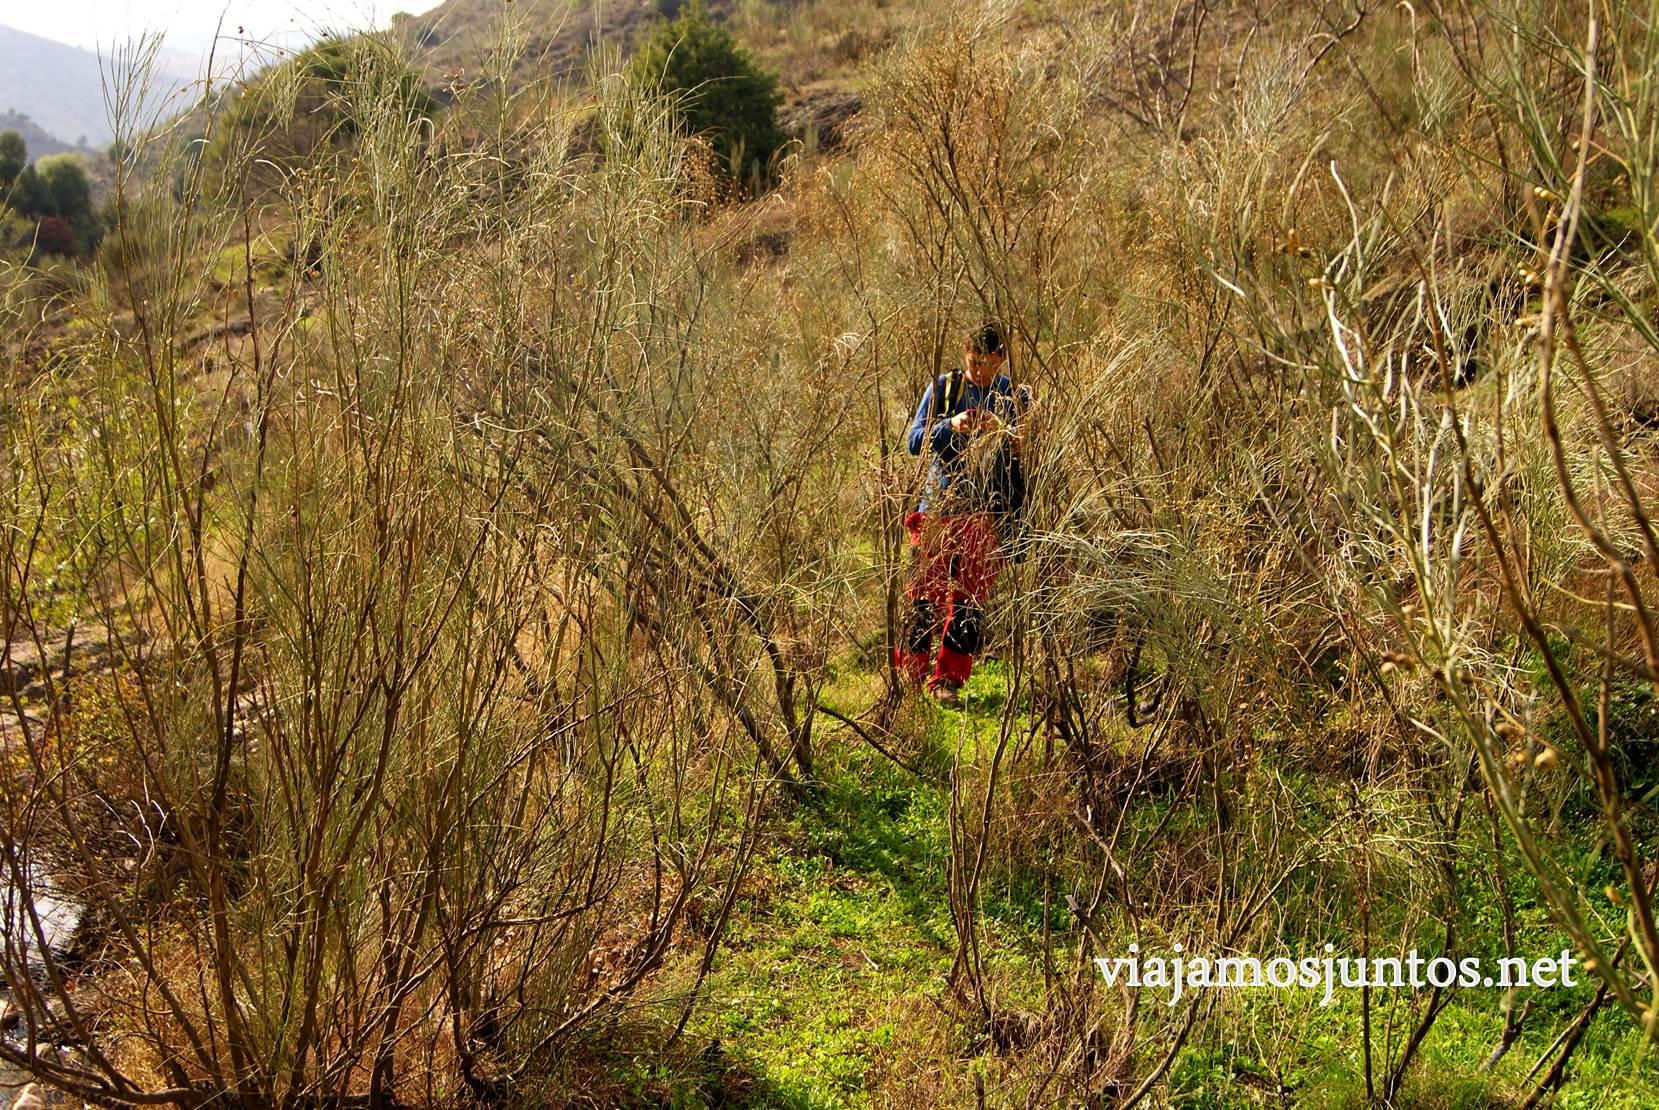 Ruta a las Cárcavas, Patones, Madrid; senderismo por sitios singulares de la Comunidad de Madrid; caminos de cabras